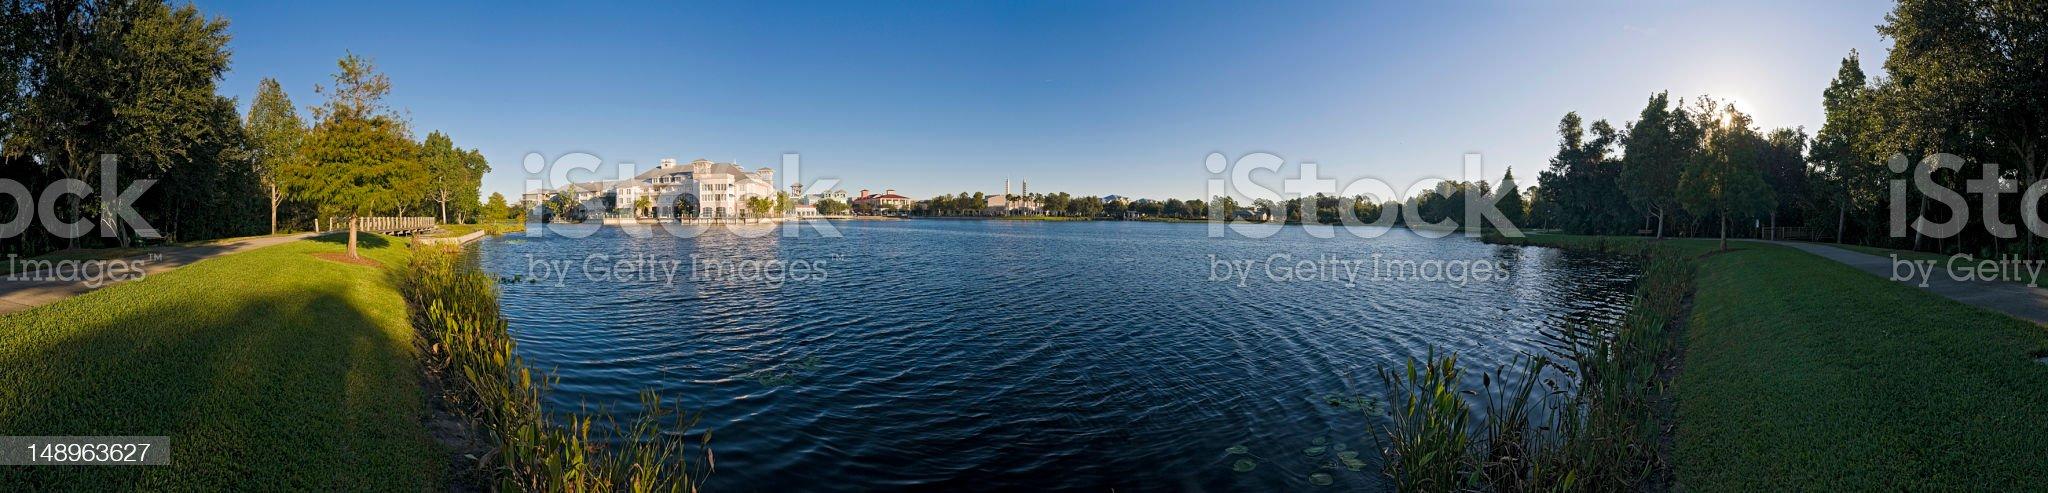 Lakeside town Florida royalty-free stock photo